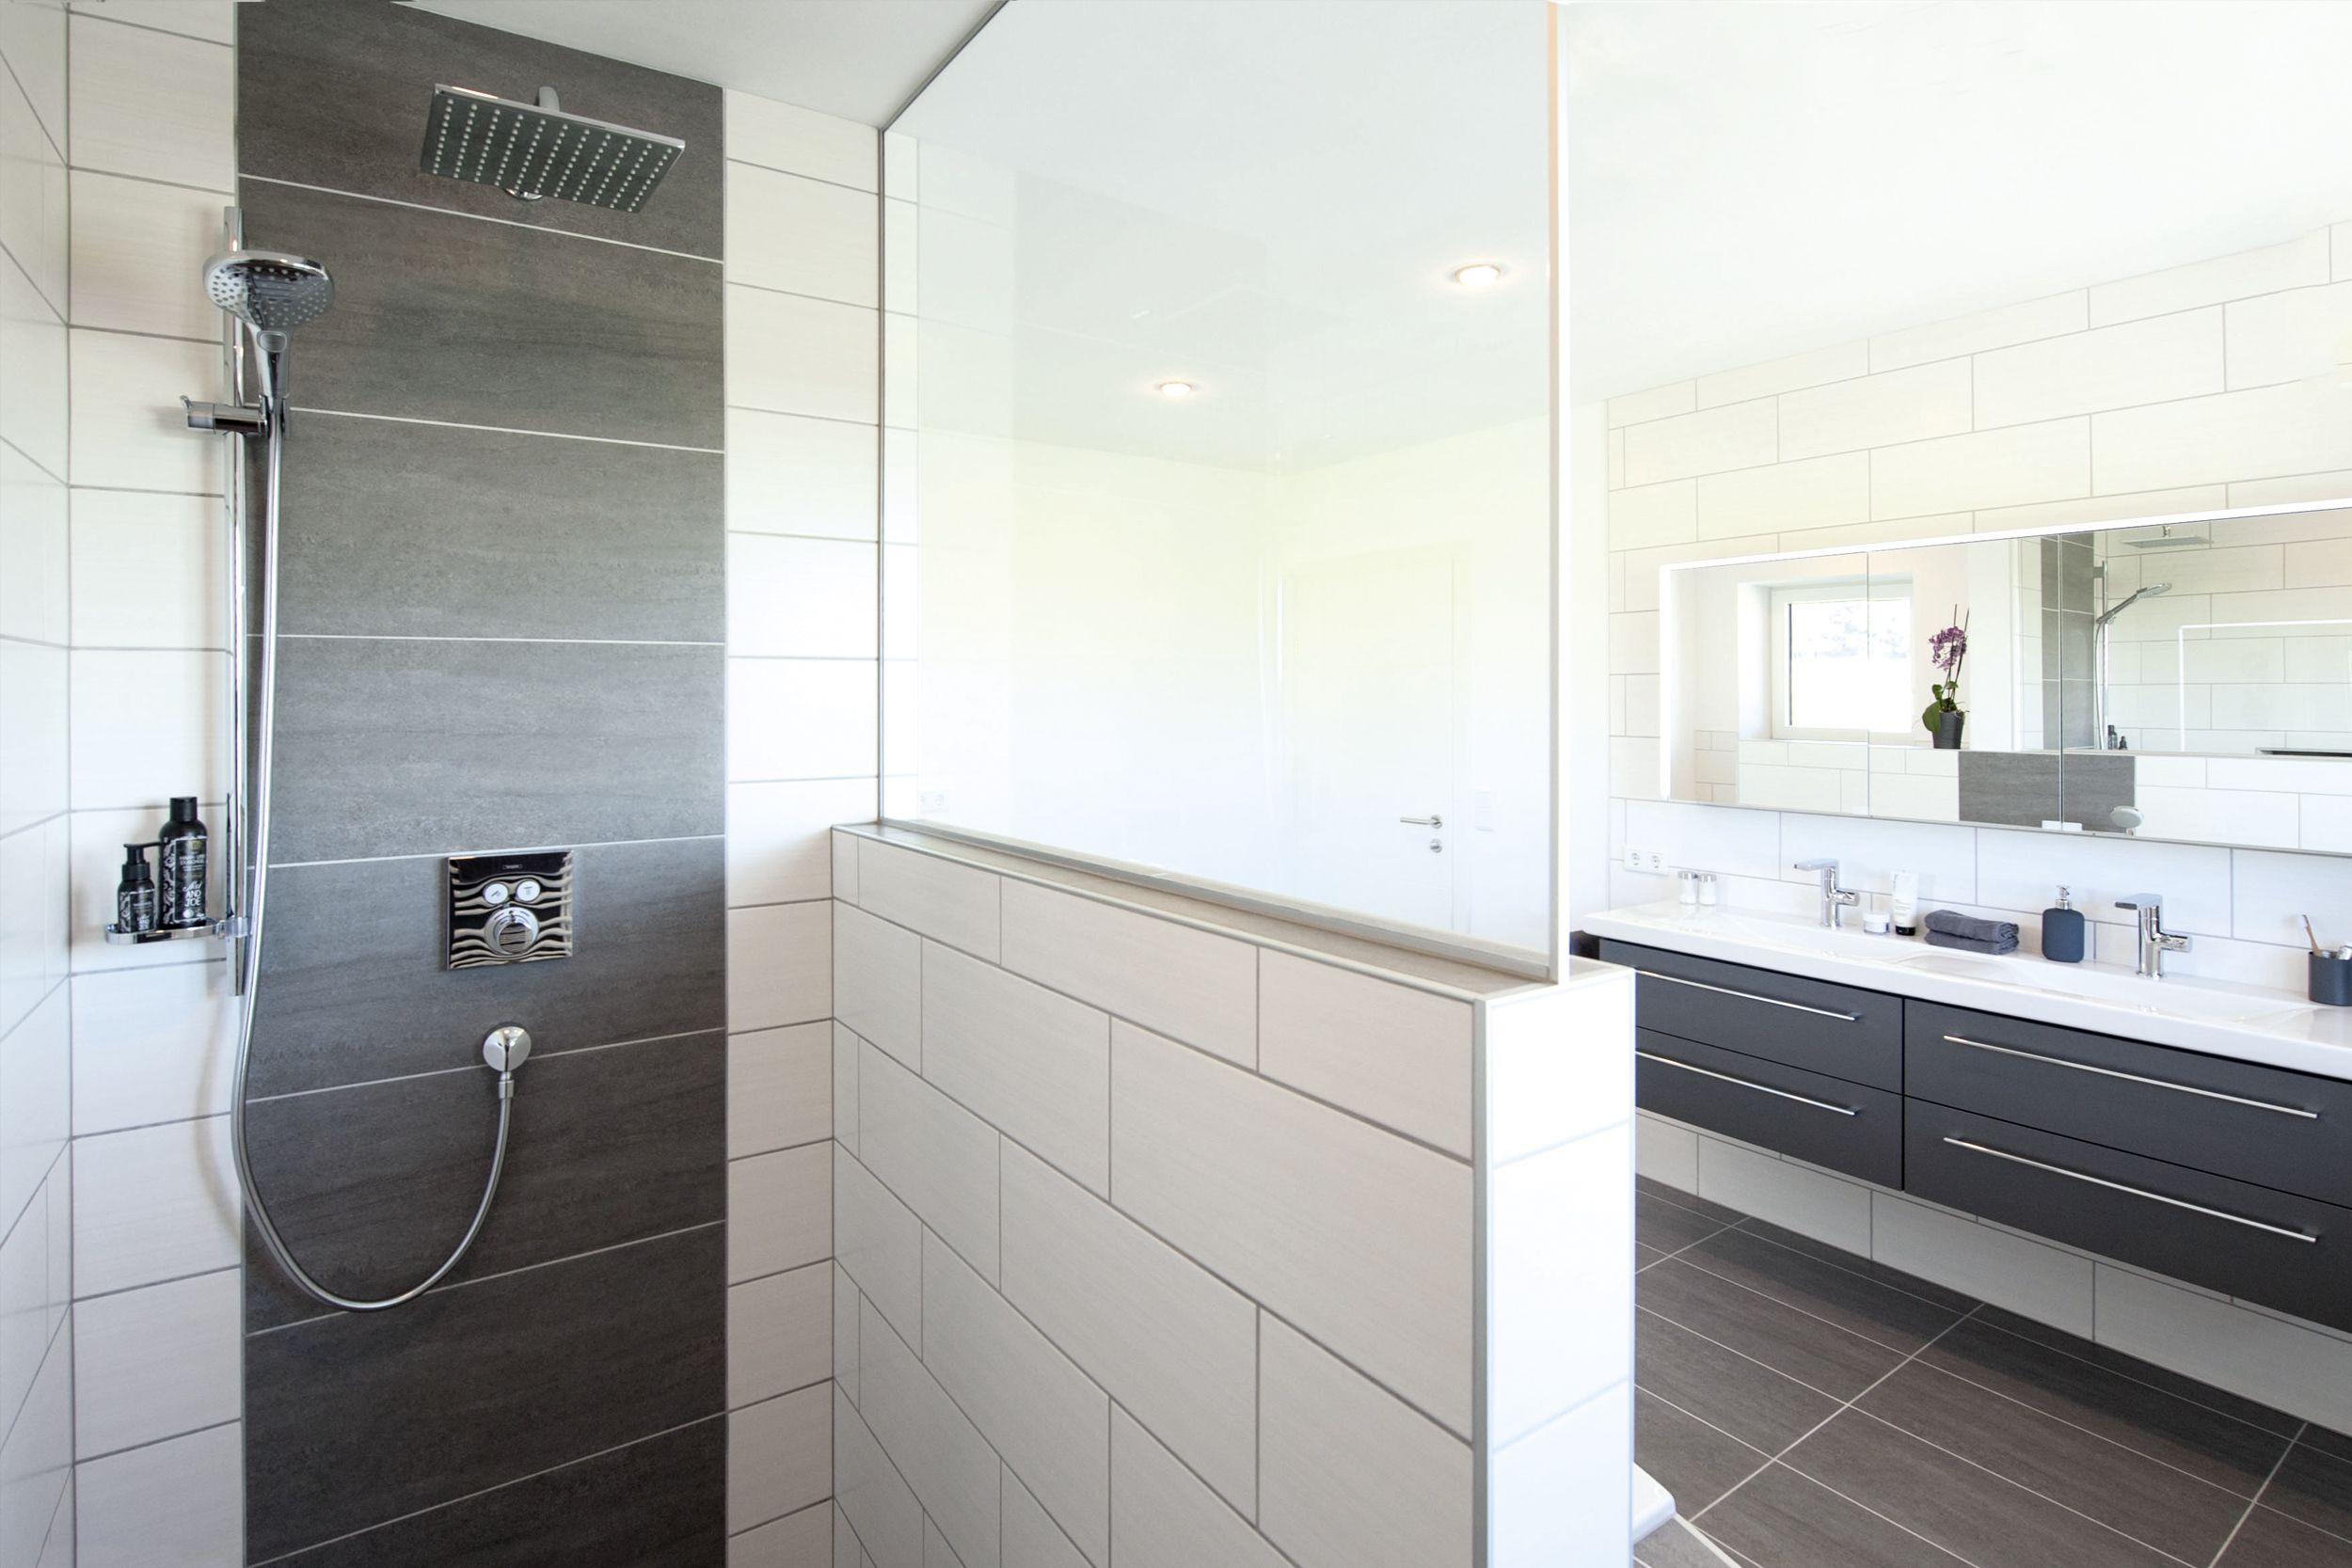 Frei Begehbare Glasdusche Mit Bodenebenem Einstieg Regenbrause Handbrause Und Thermostatarmatur Trapezformige Bad Badezimmer Doppelwaschtisch Glasduschen